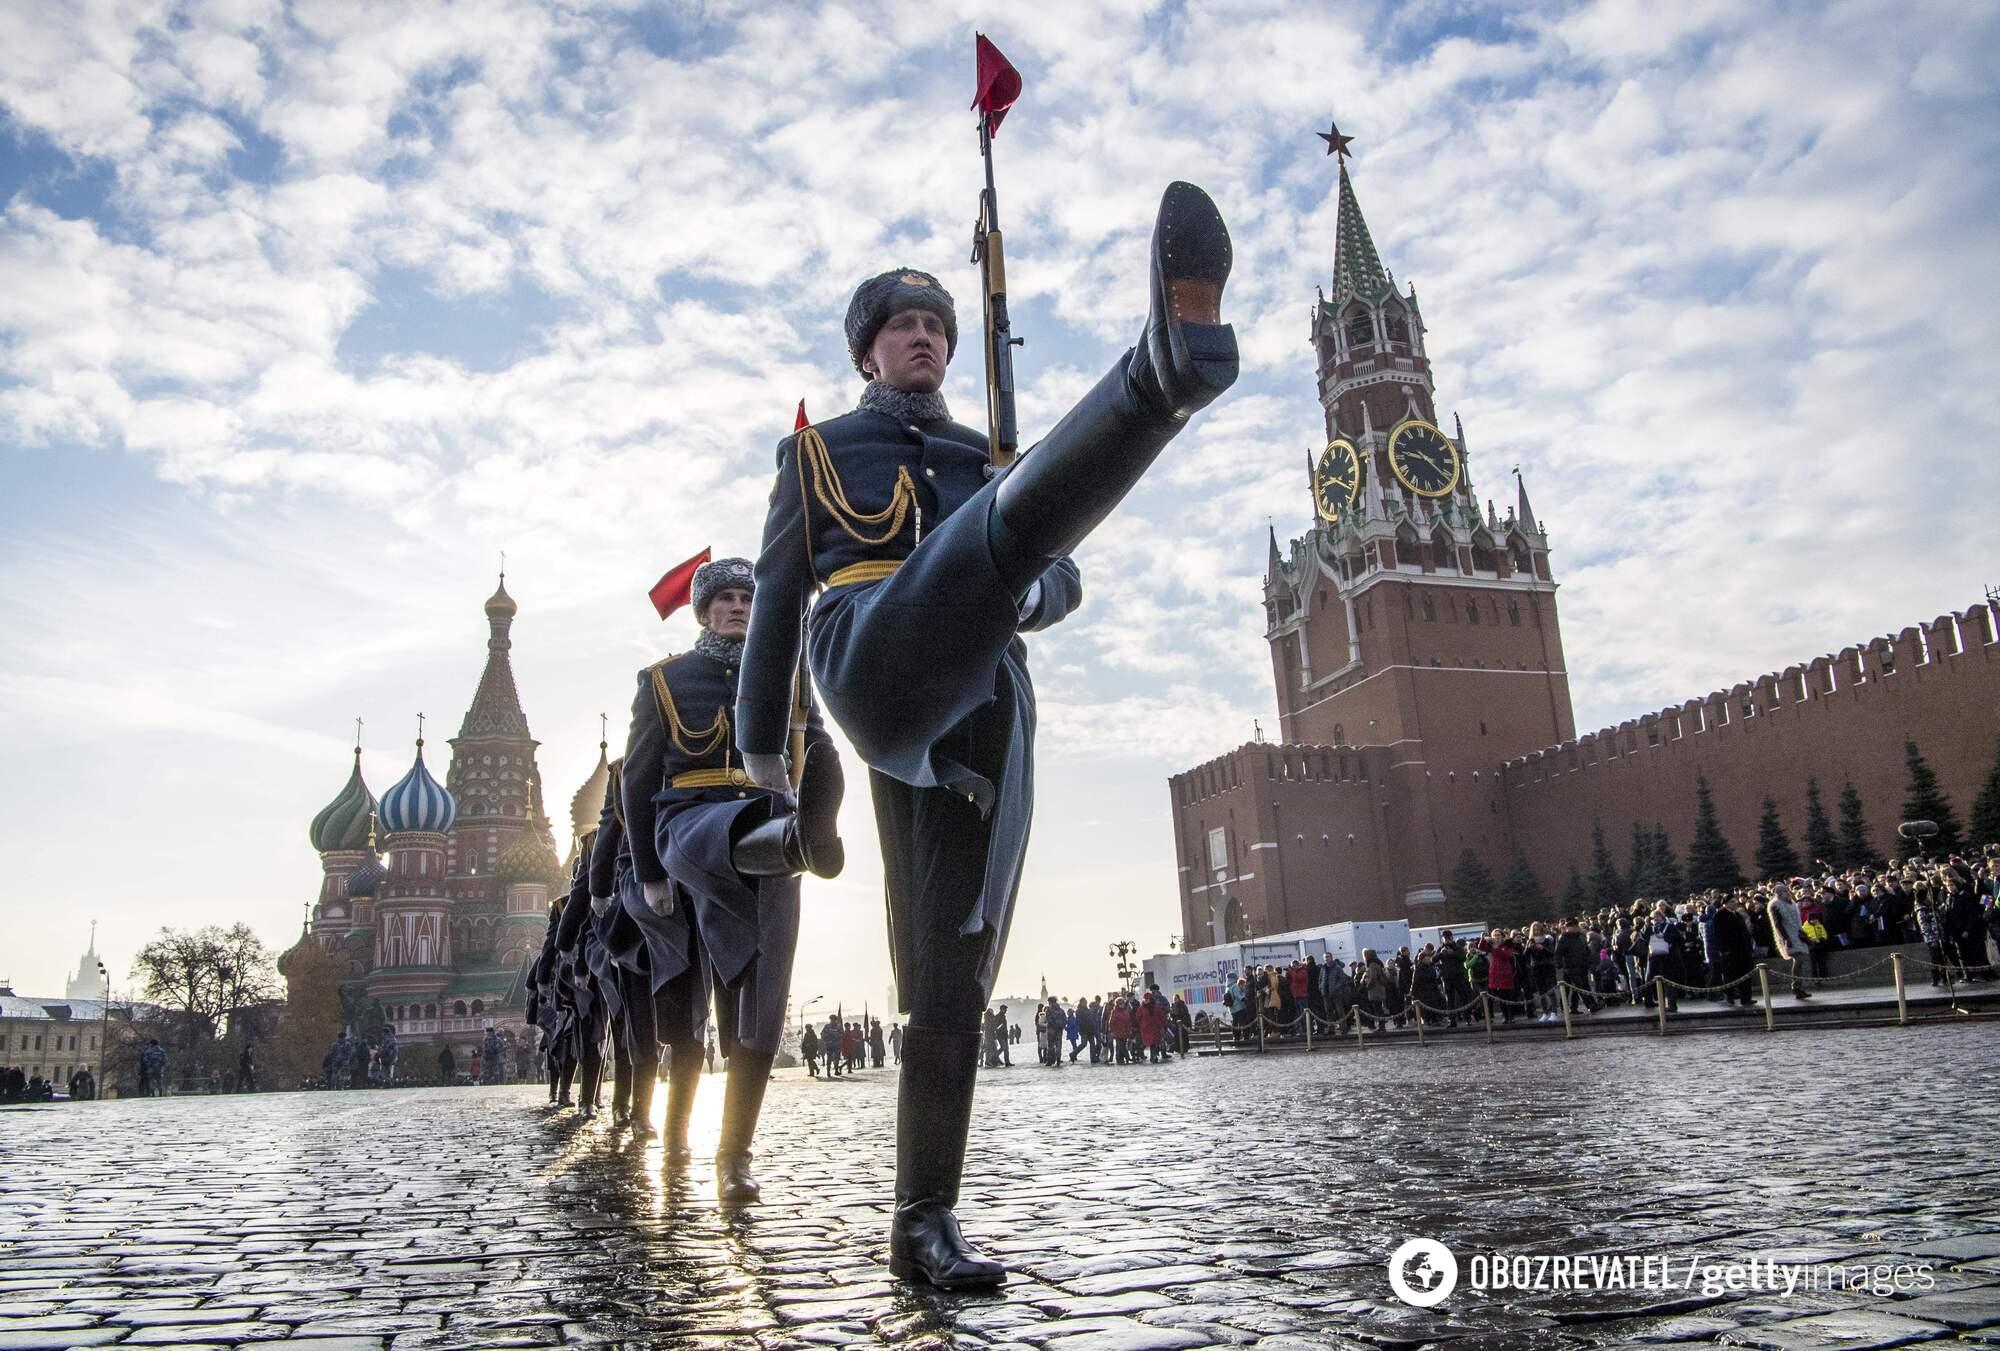 По мнению Алексея Резникова, Россия не может пойти на полномасштабное вторжение на территорию Украины по образцу 2014 года